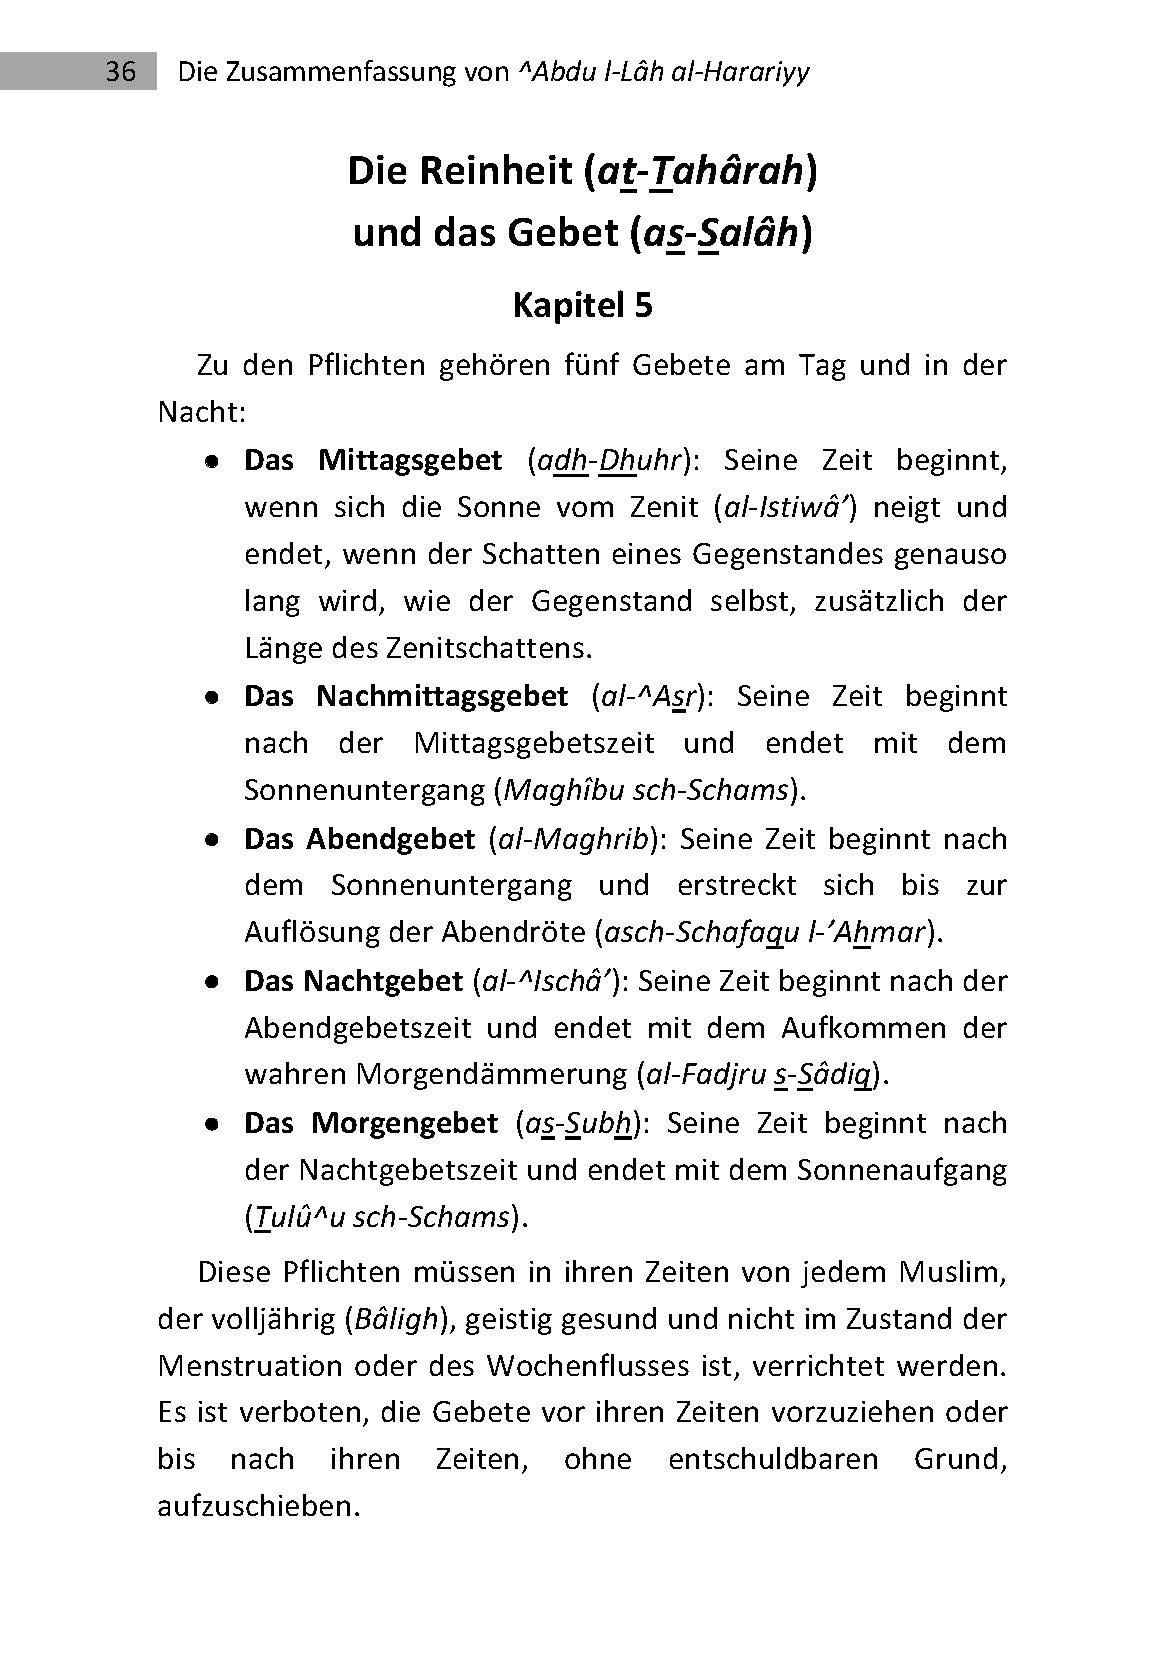 Die Zusammenfassung - 3. Auflage 2014_Seite_36